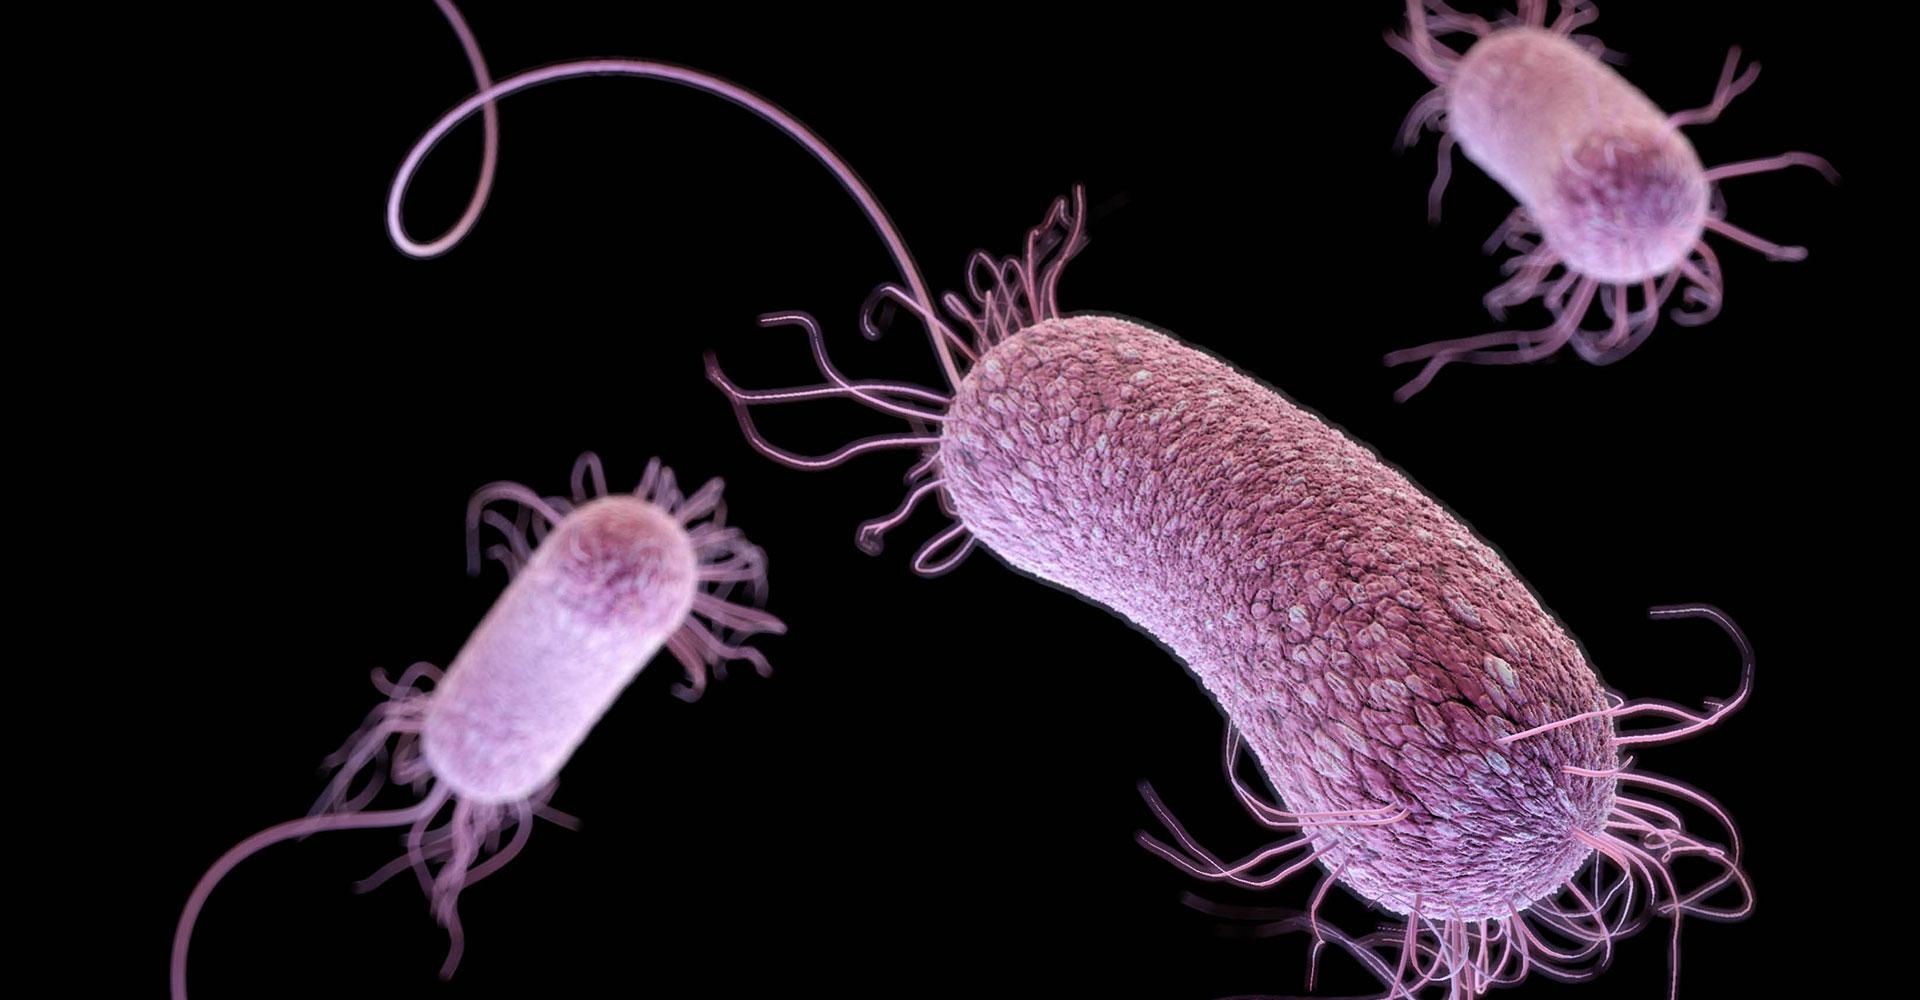 'Superbug' scourge spreads as U.S. fails to track rising ...